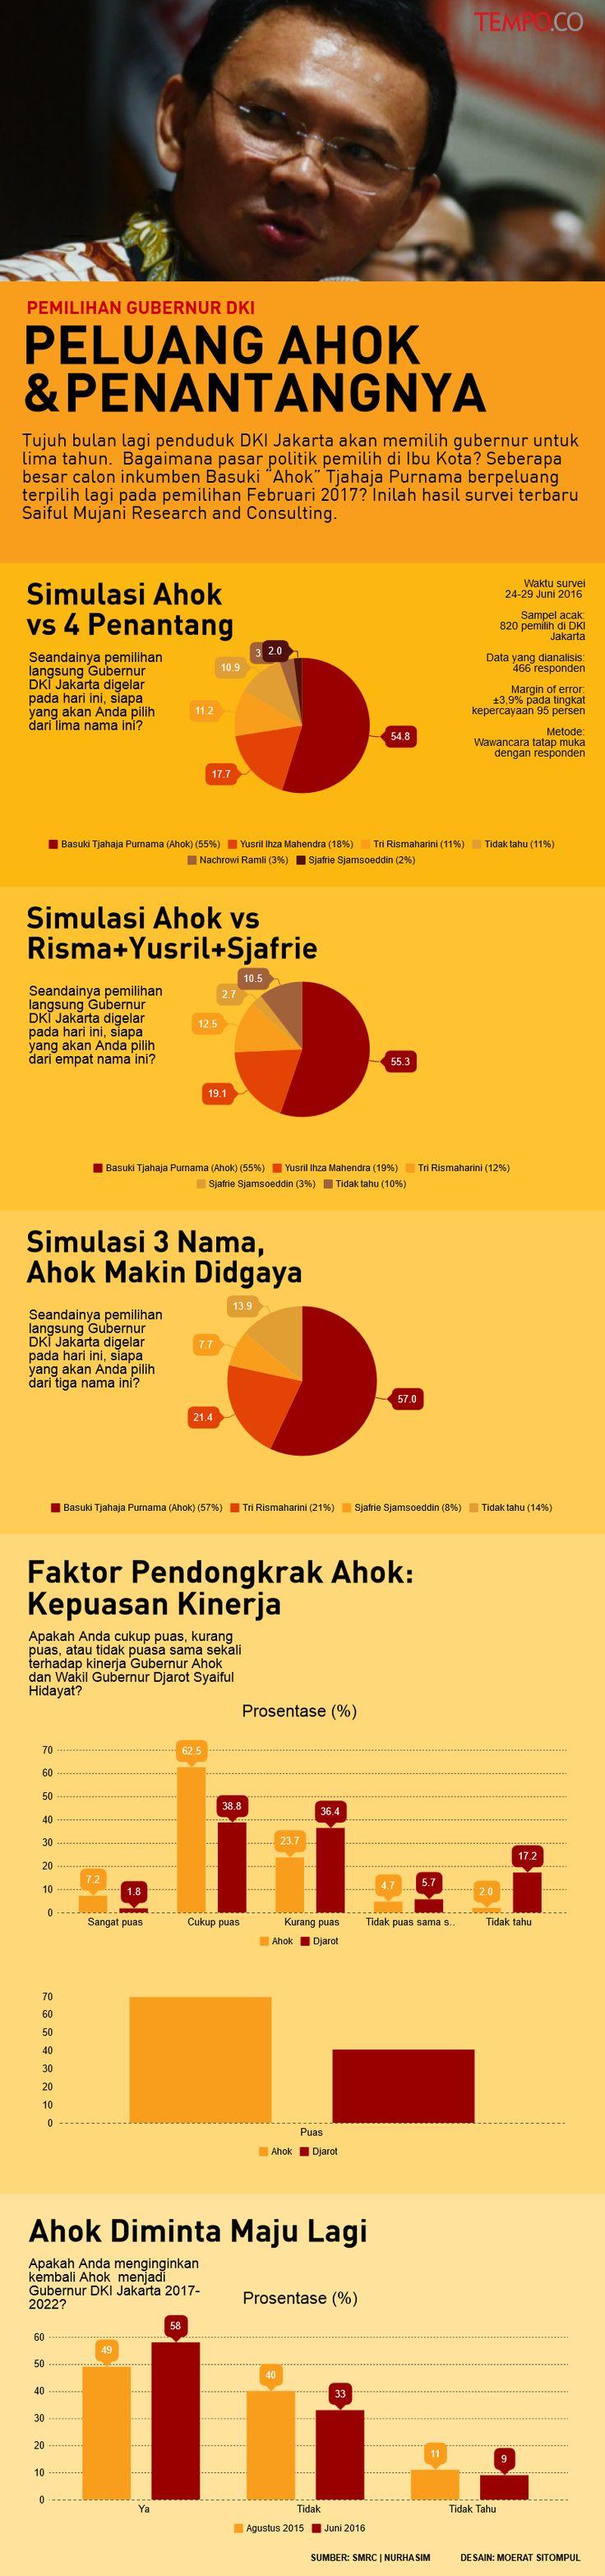 INFOGRAFIS: Peluang Ahok dan Penantangnya di Pilkada Jakarta | Nasional | Tempo Grafis